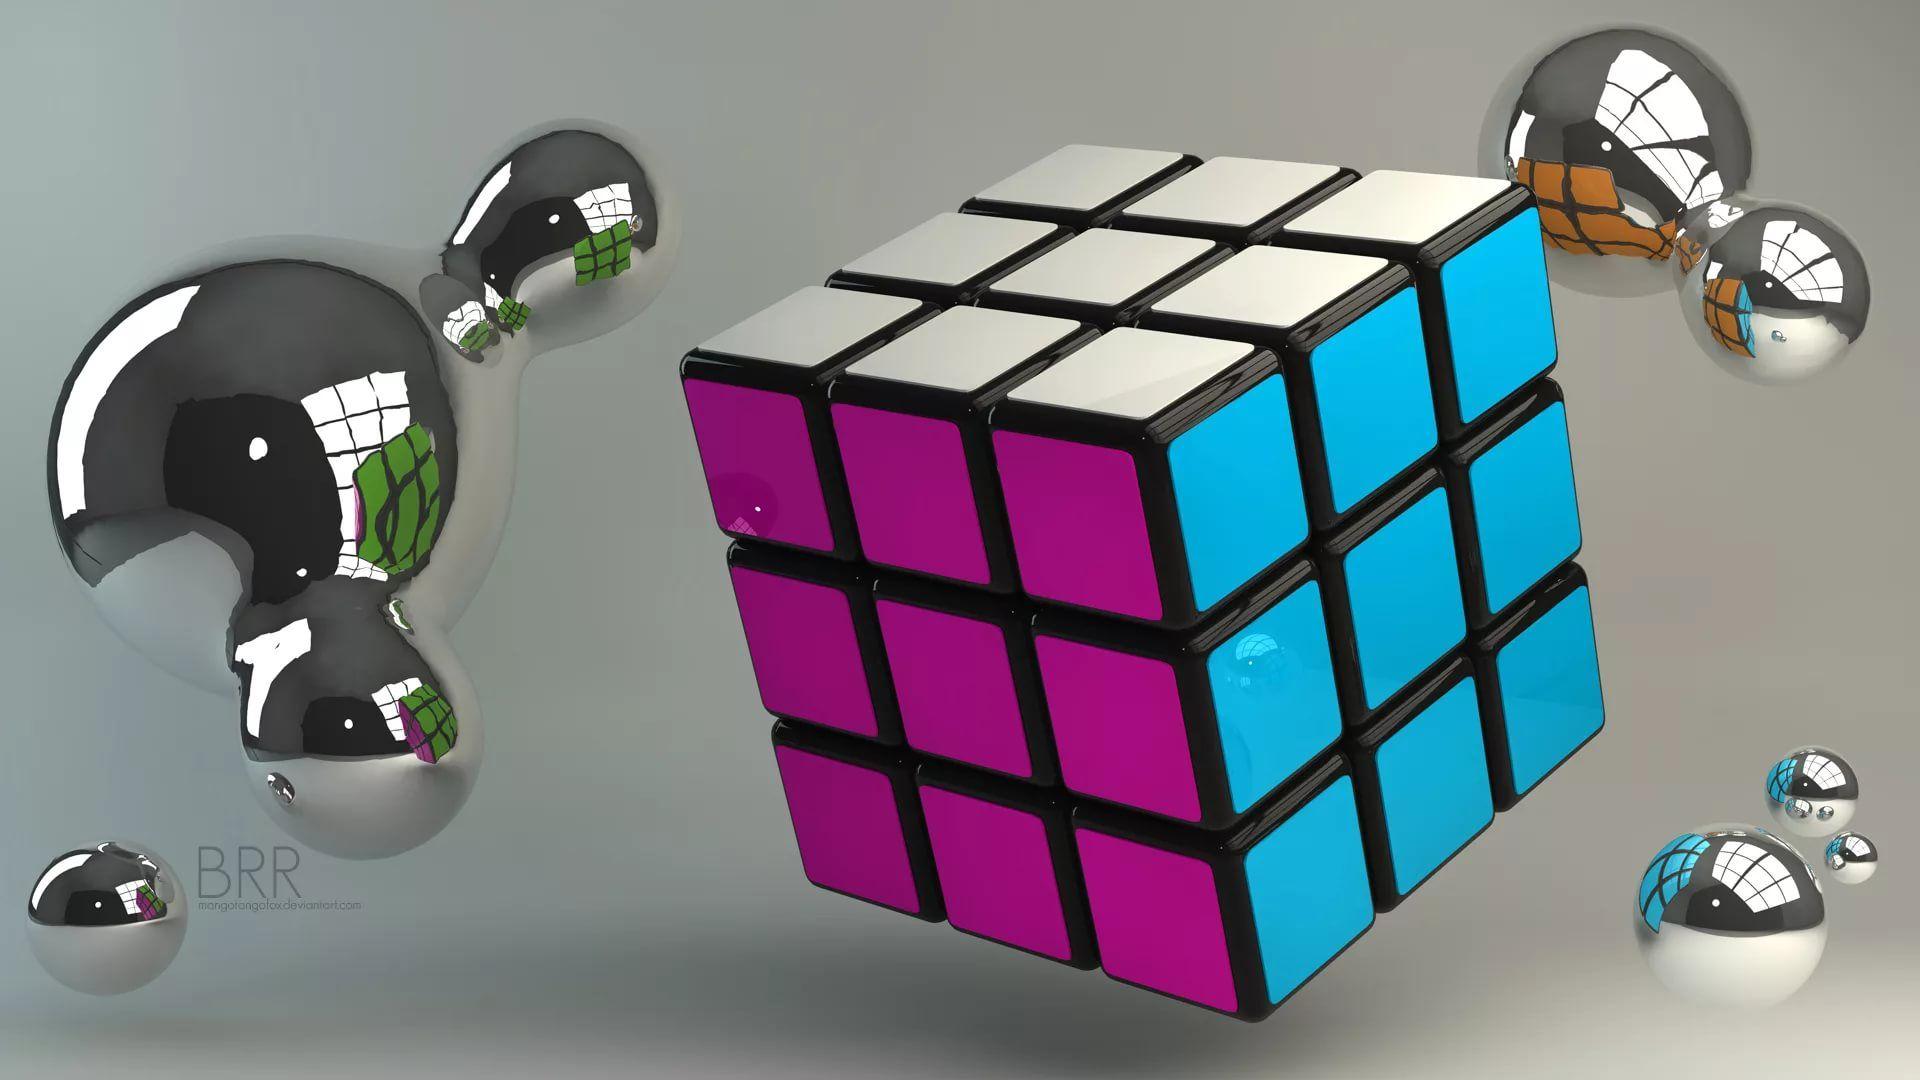 Rubiks Cube new wallpaper